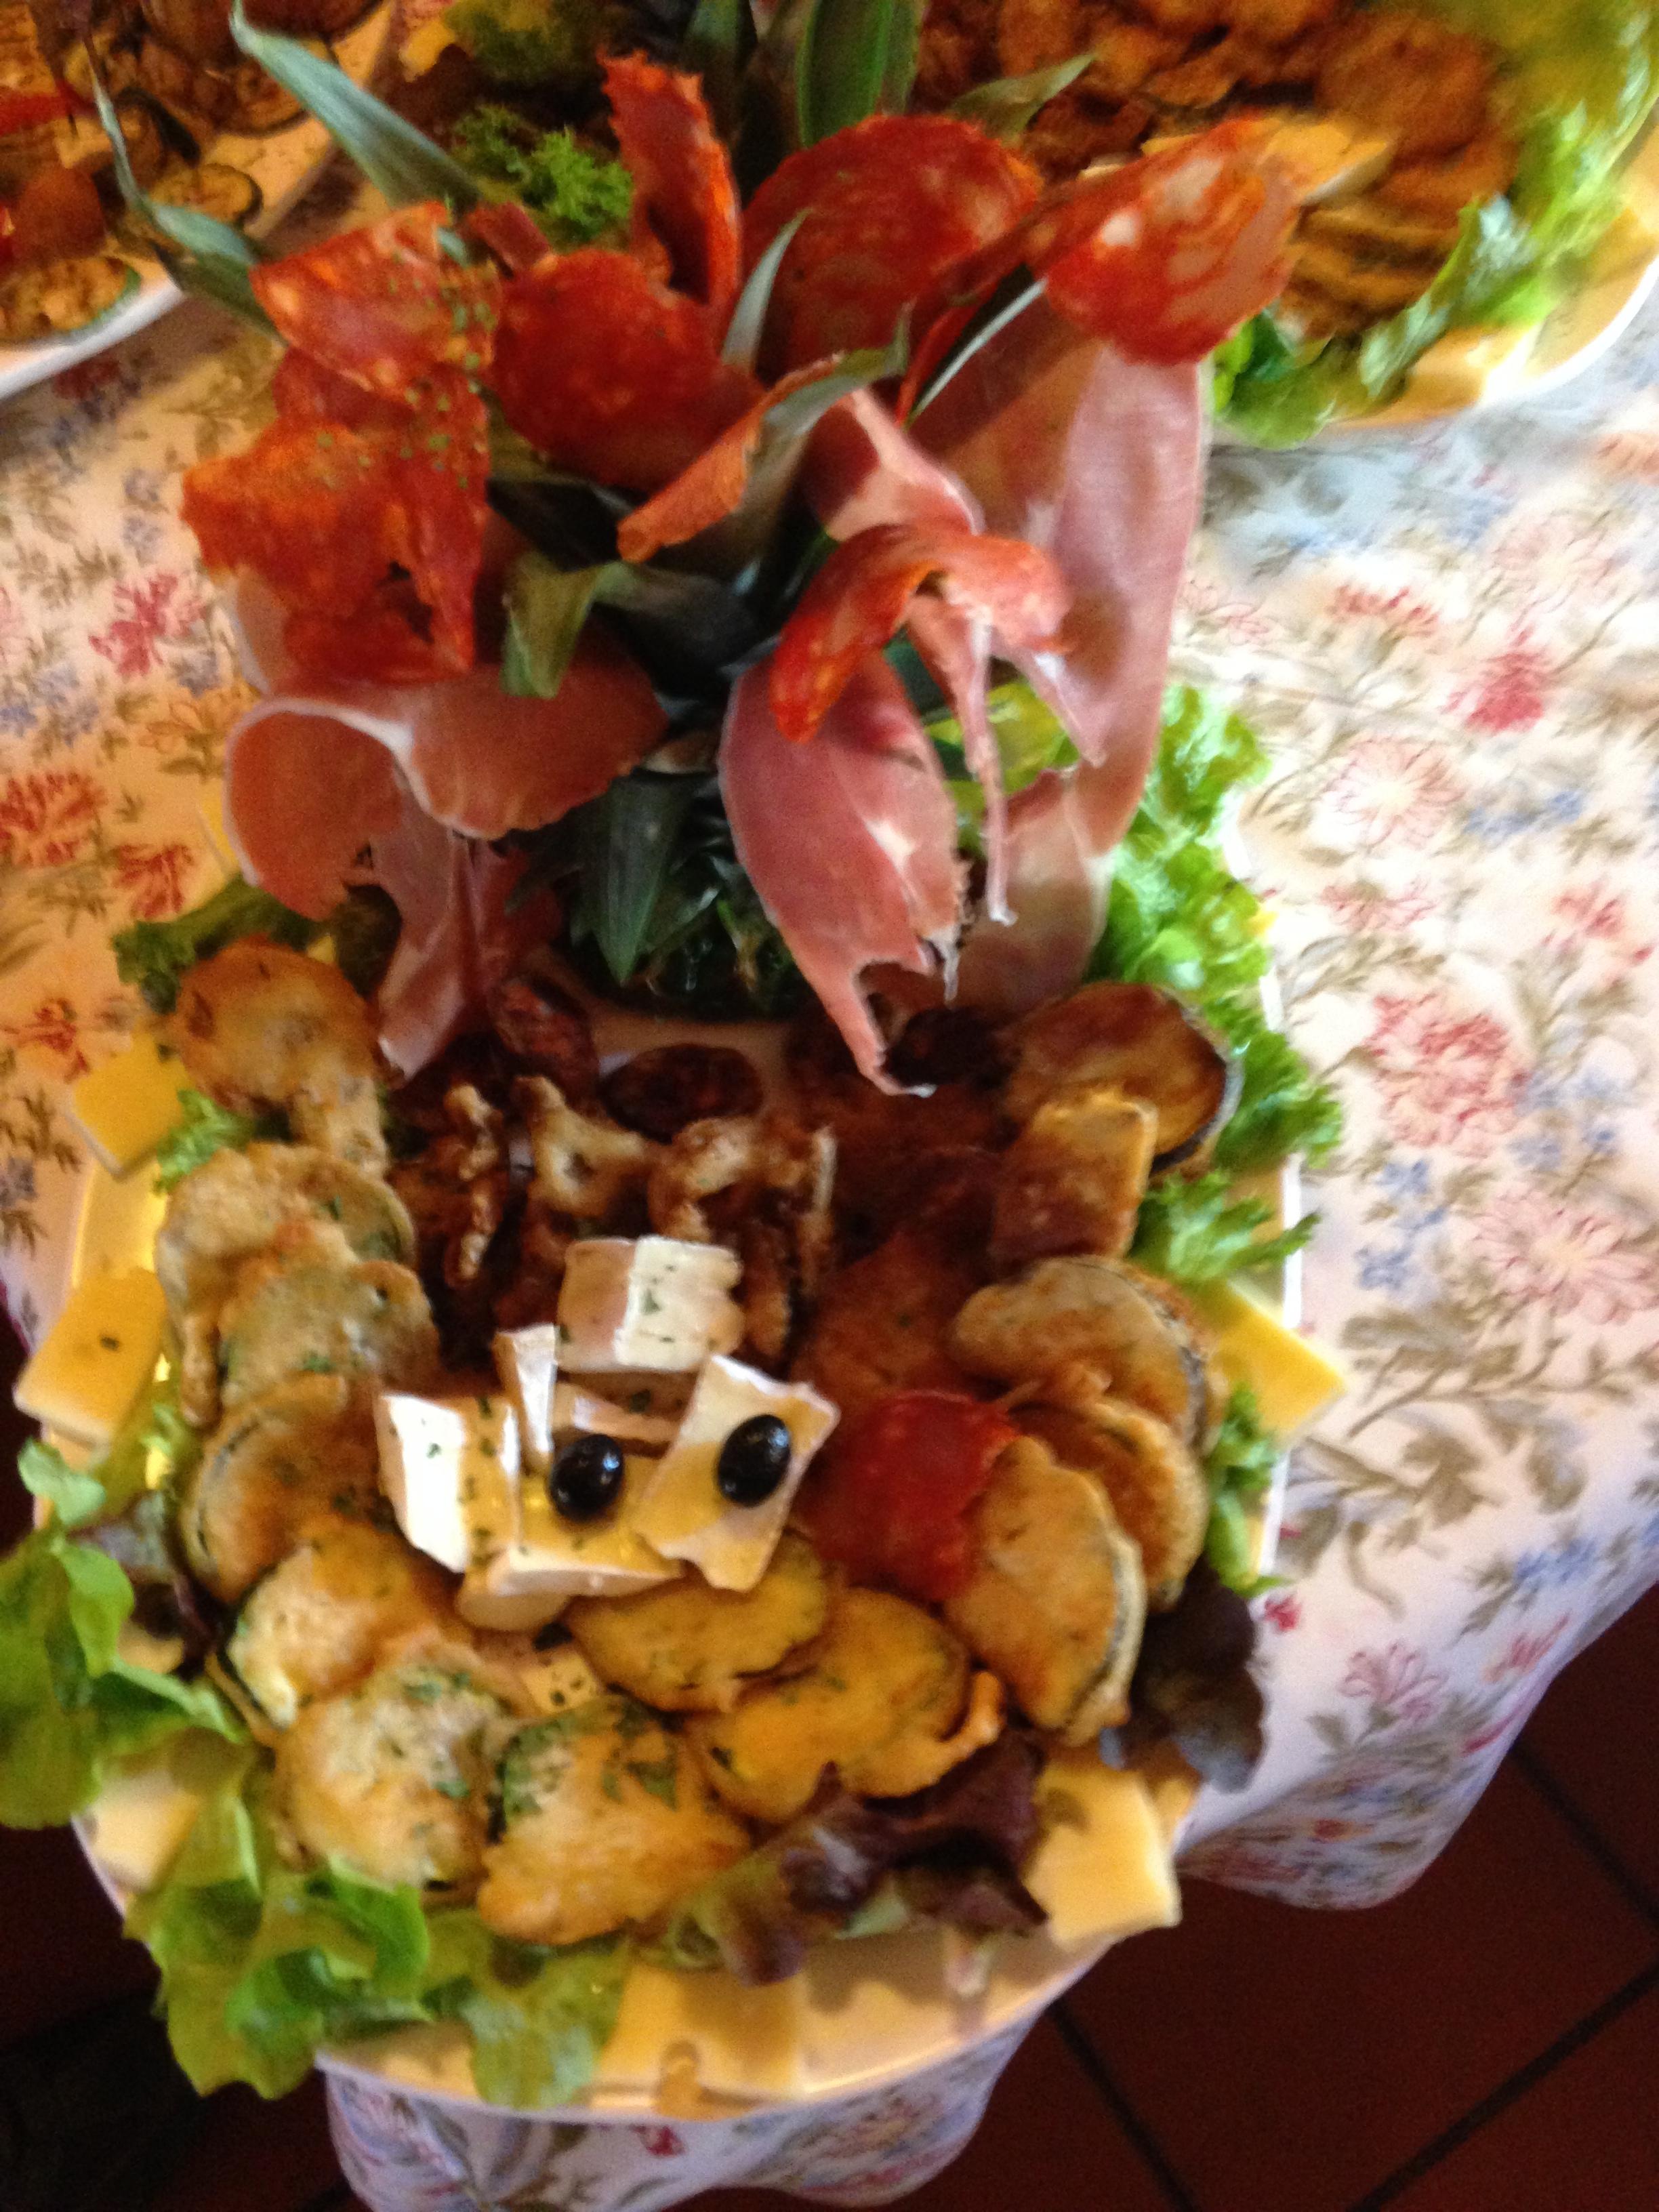 il mangiare - Lust auf Essen - 2015-11-02 - (Zeit 11-36-47)